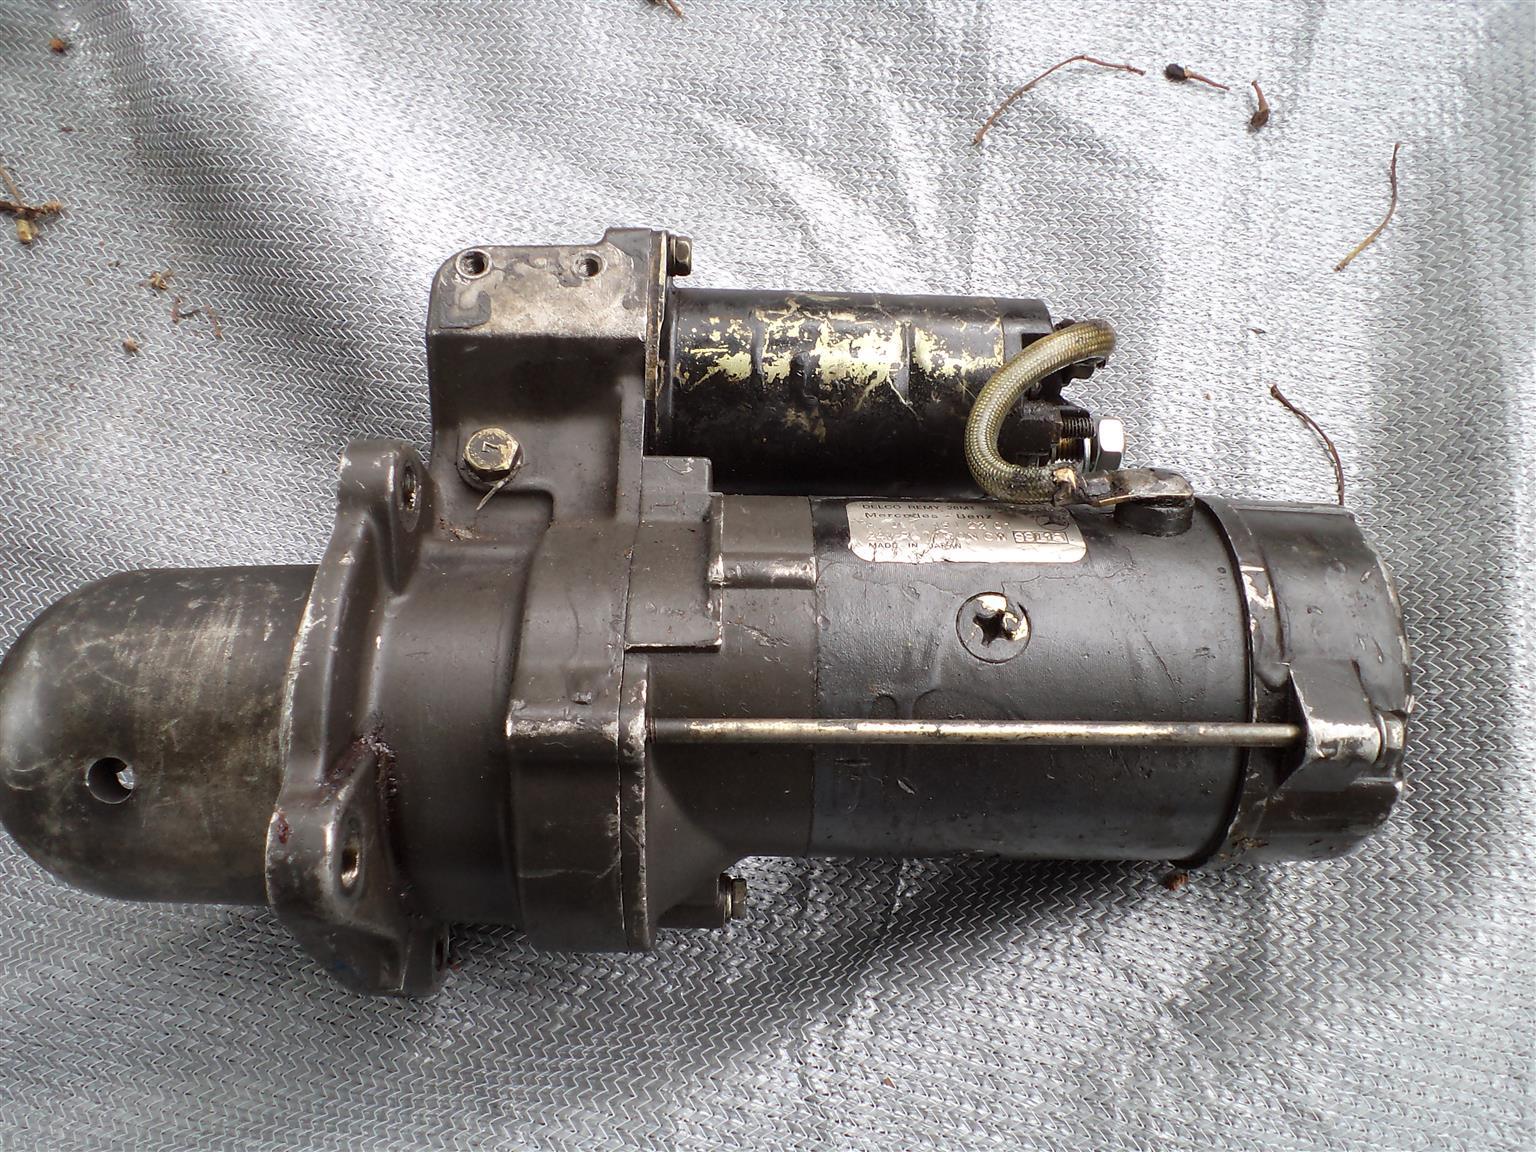 Deco Remy 28 MT starter motor